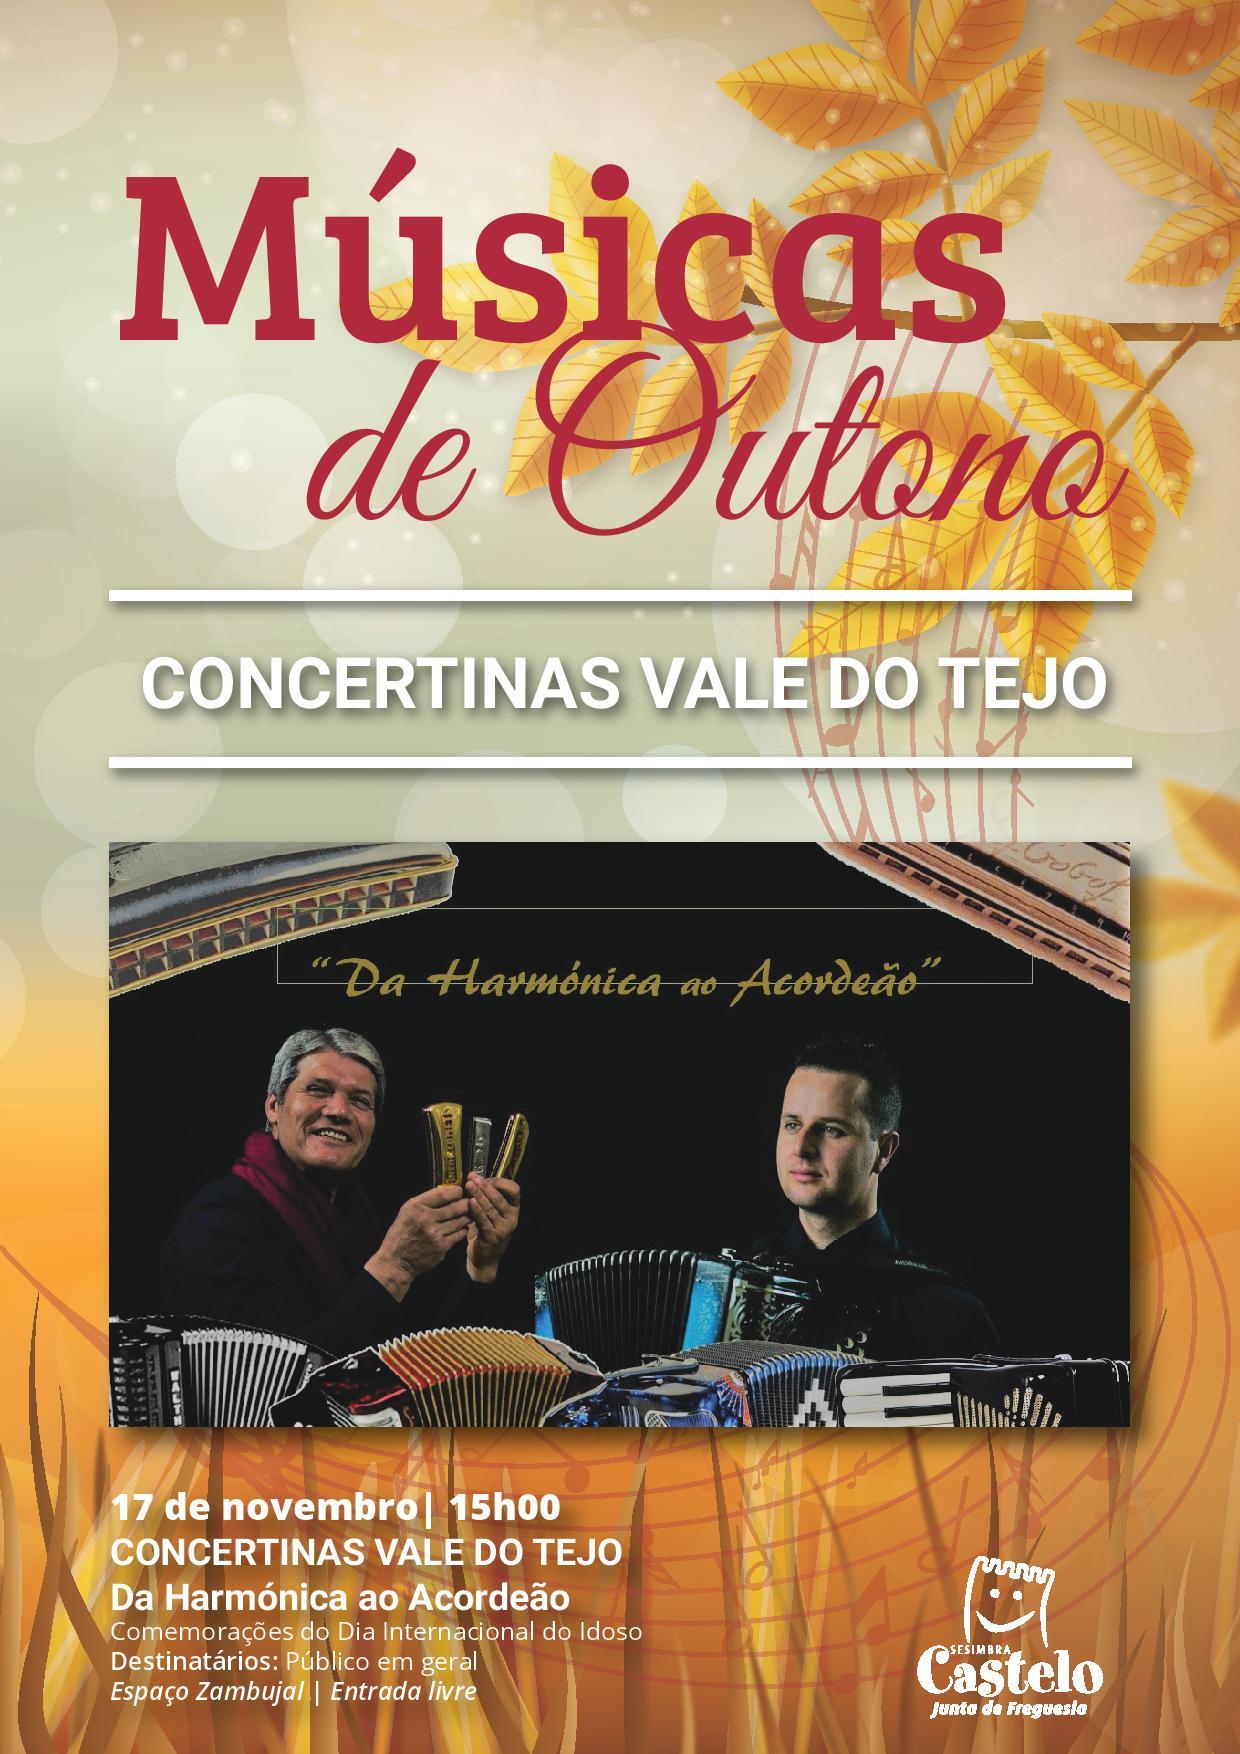 Musicas d`Outono - Concertinas Vale do tejo